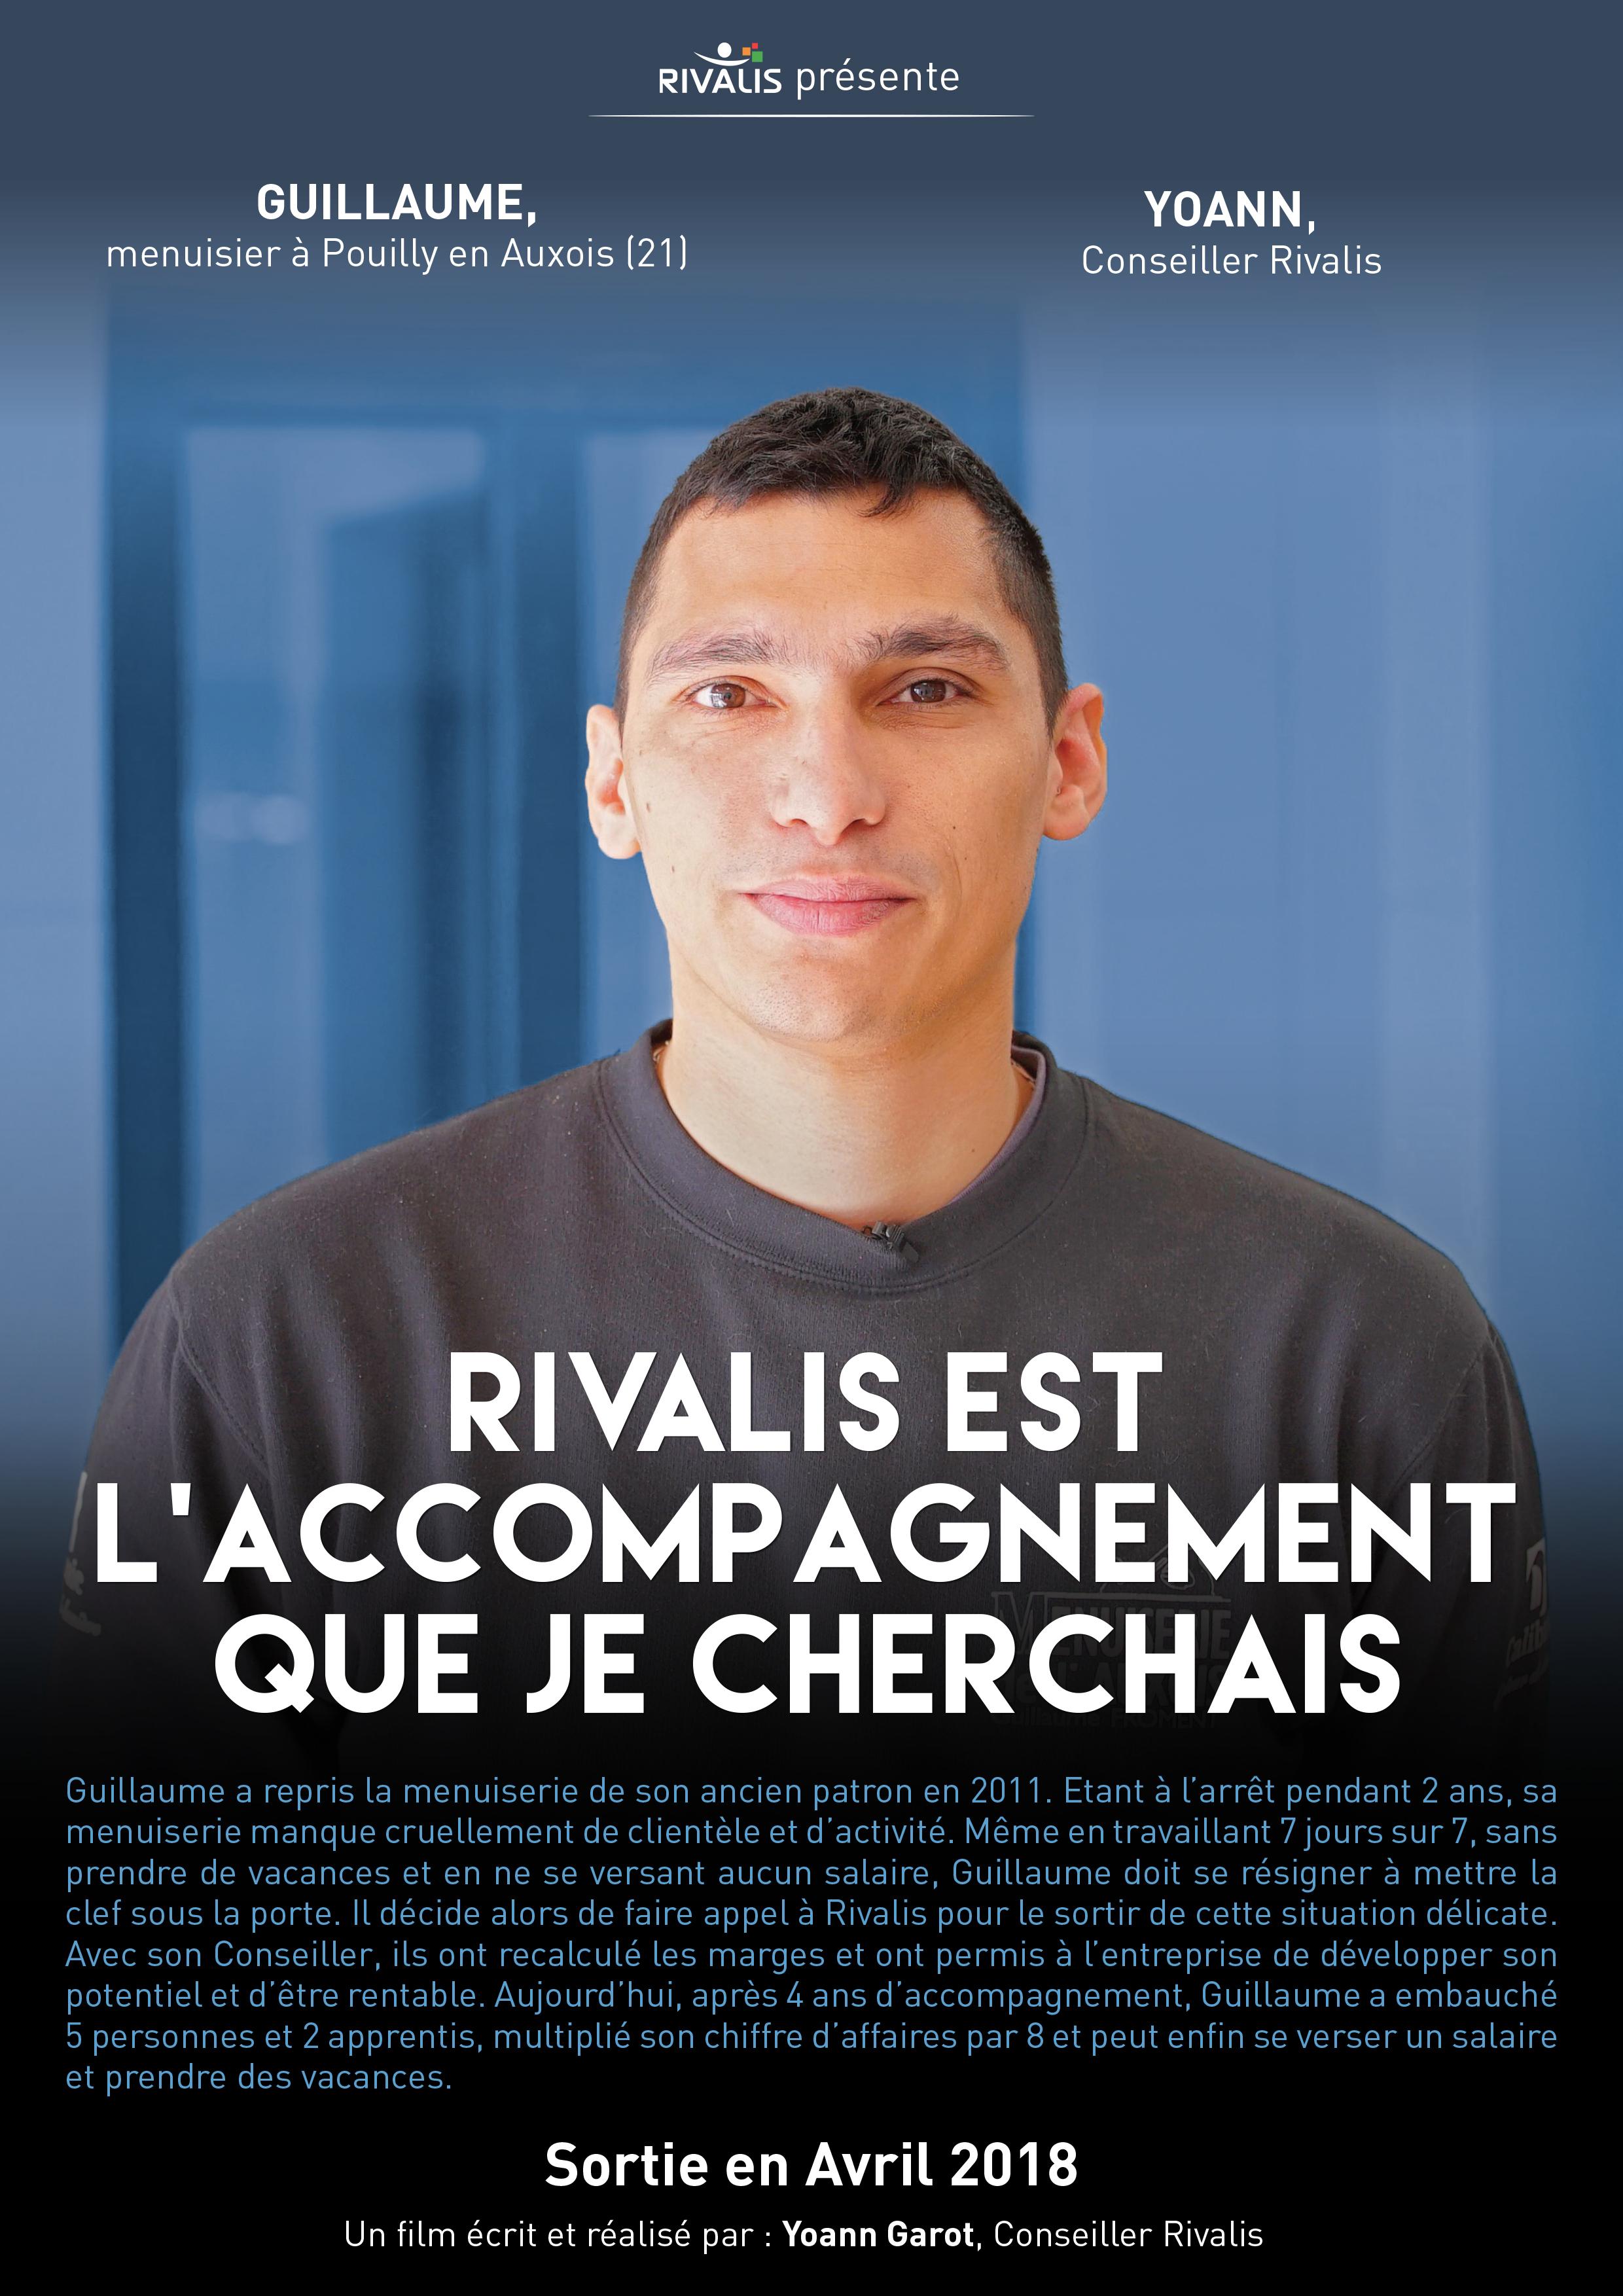 Témoignage Guillaume, menuisier (21)